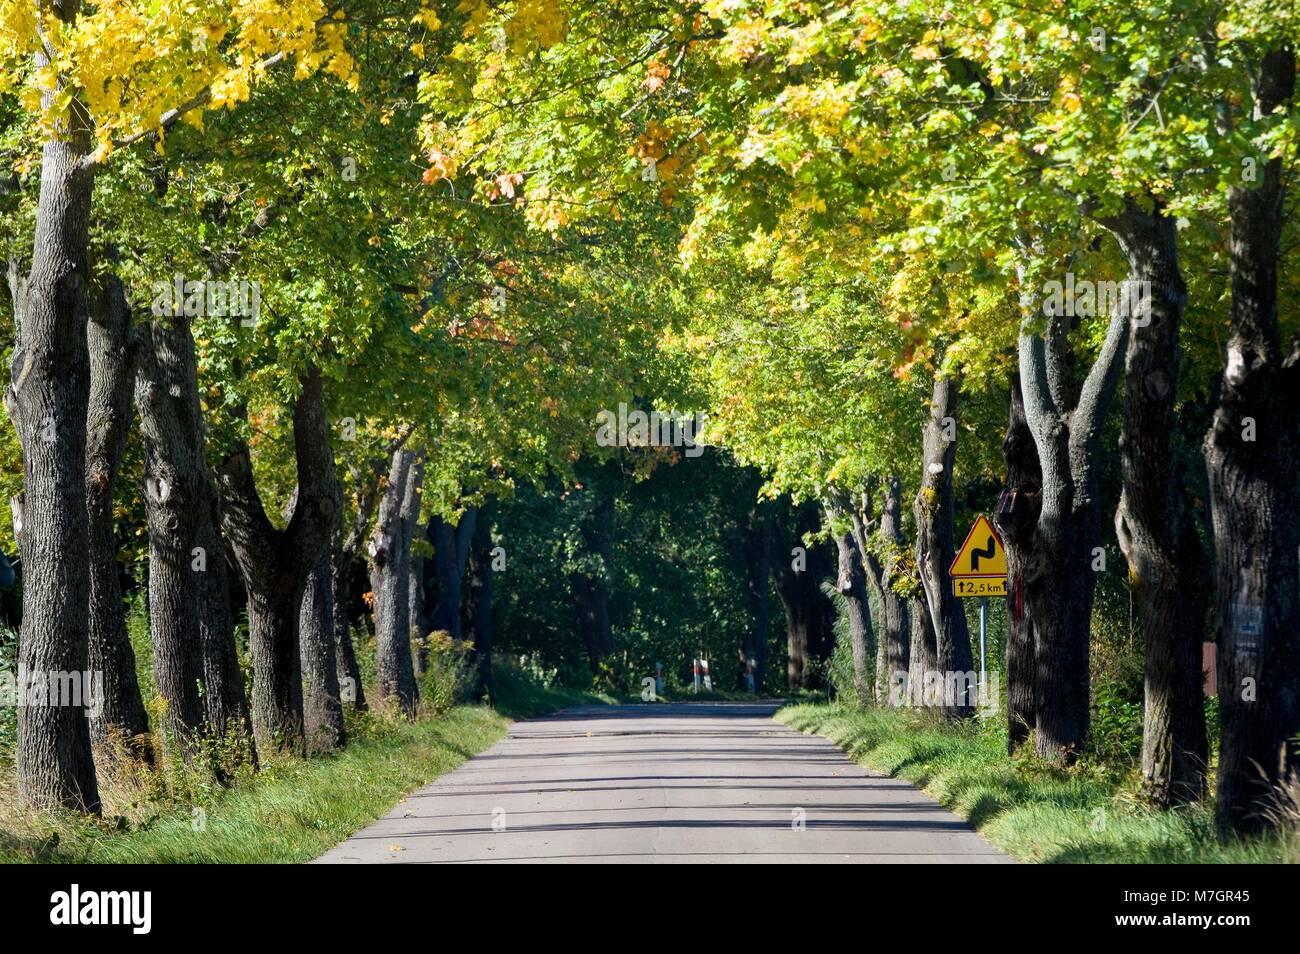 Tree Tunnel Autumn Stock Photos & Tree Tunnel Autumn Stock Images ...